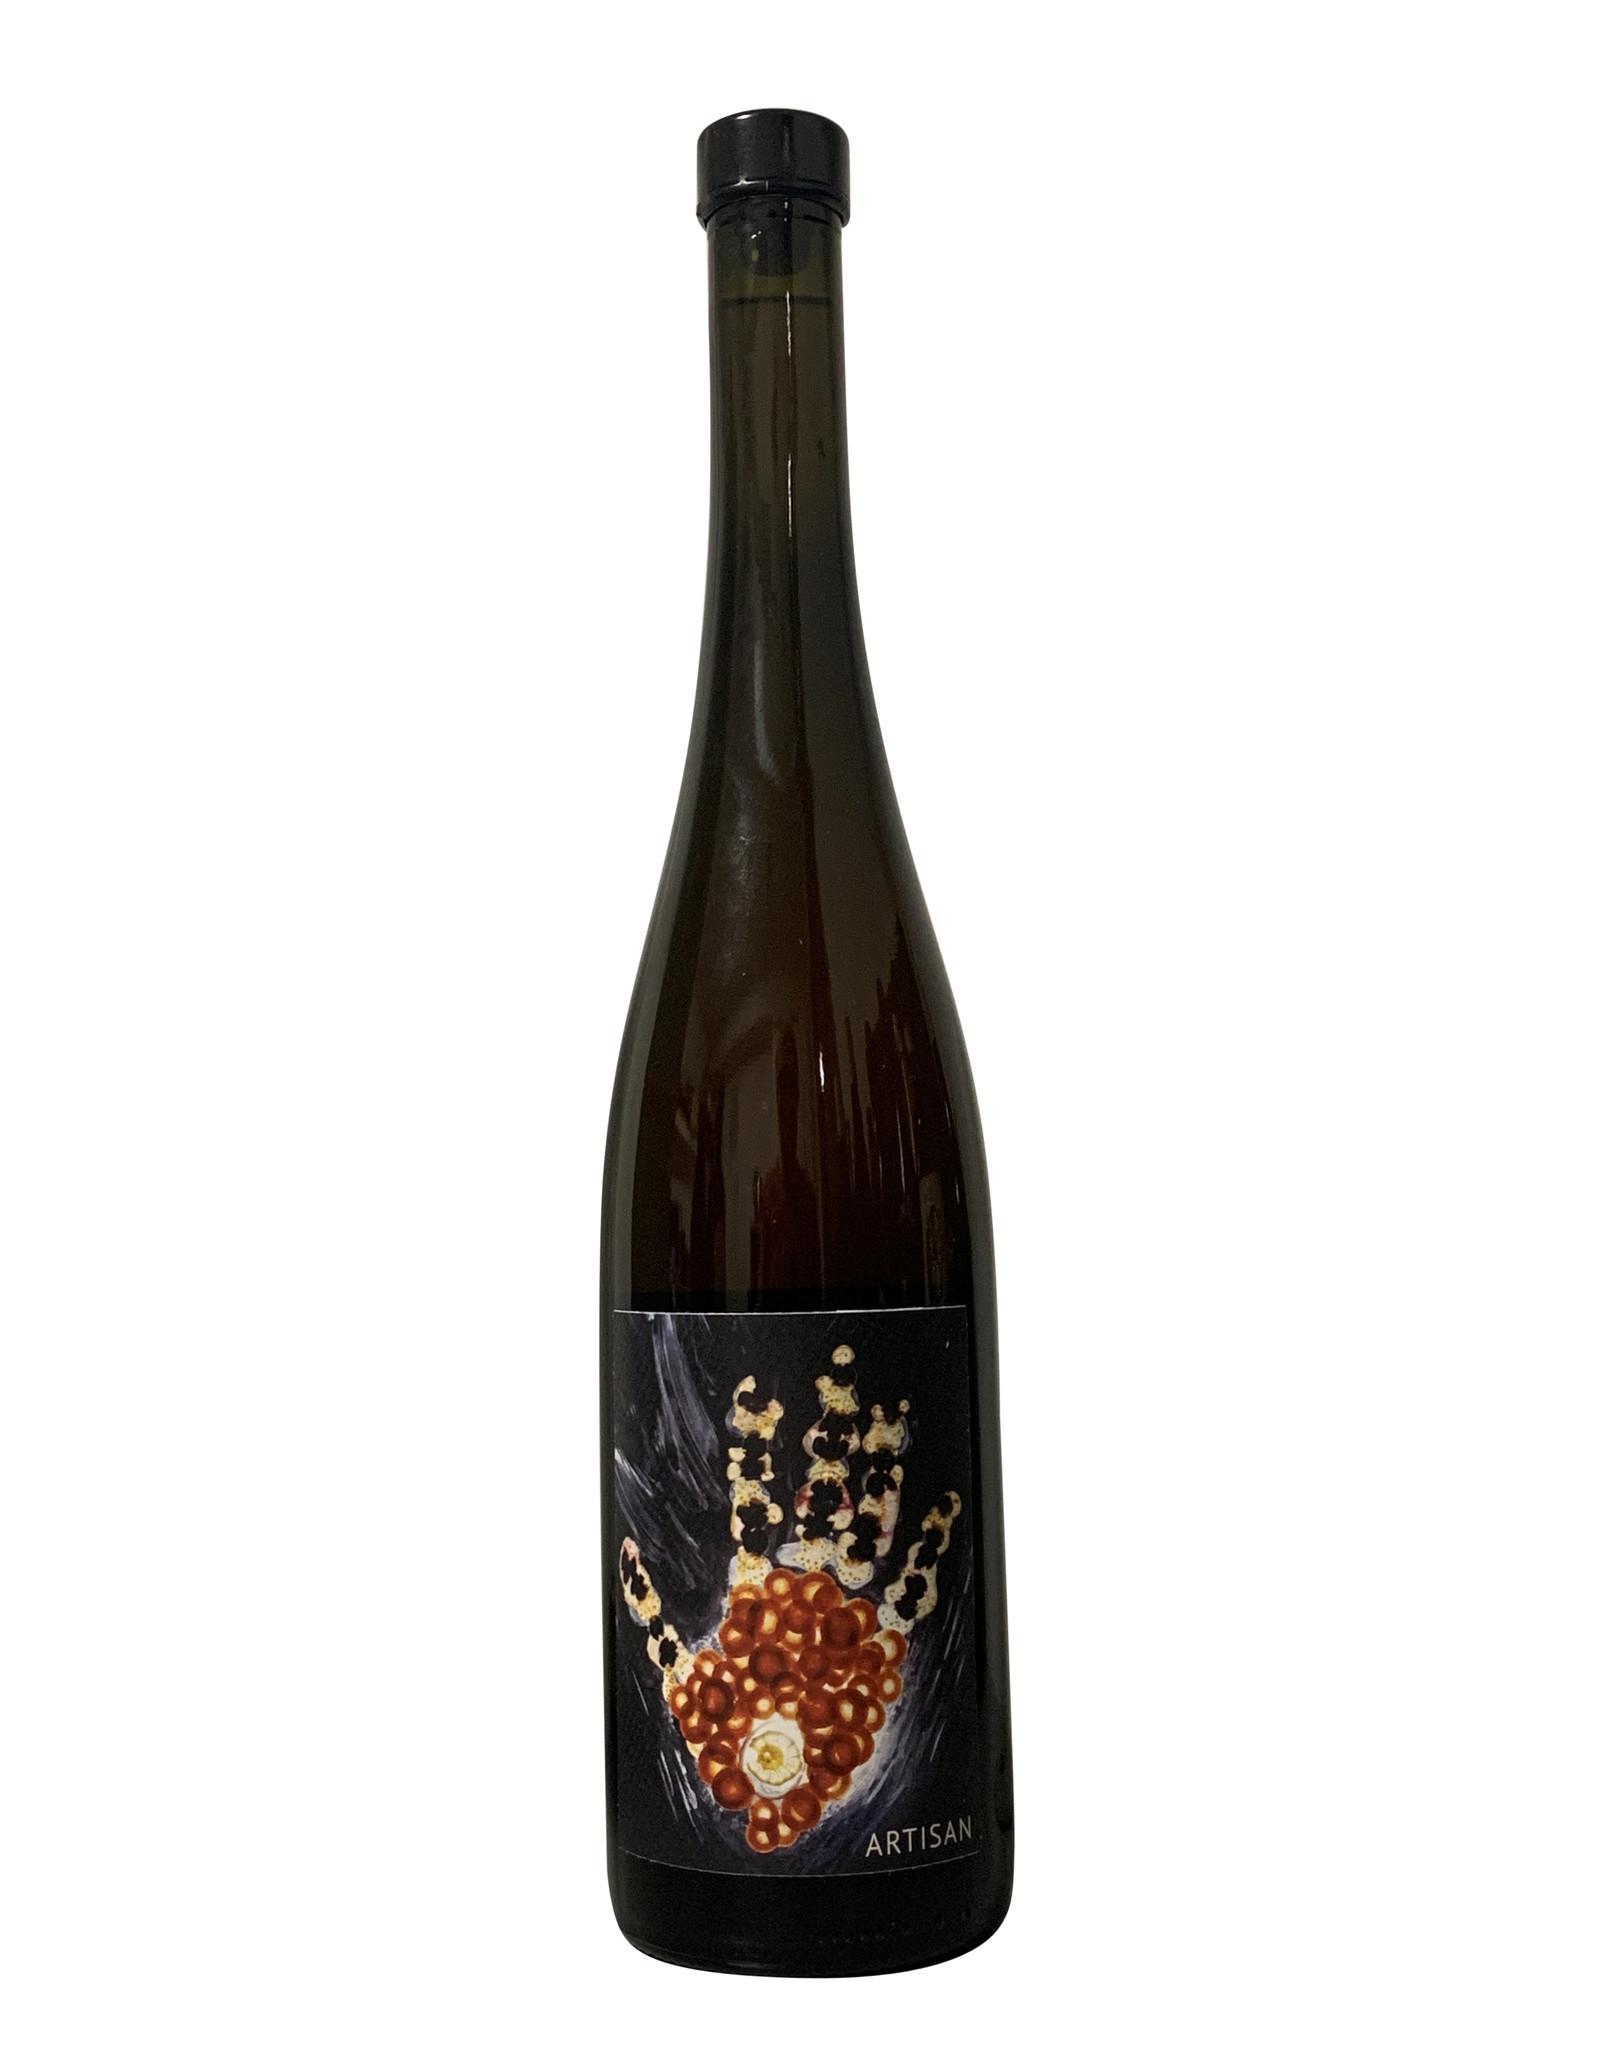 Vignoble du Reveur Vignoble du Reveur (Deiss) Alsace Blanc Artisan 2018, Alsace, France (750mL)